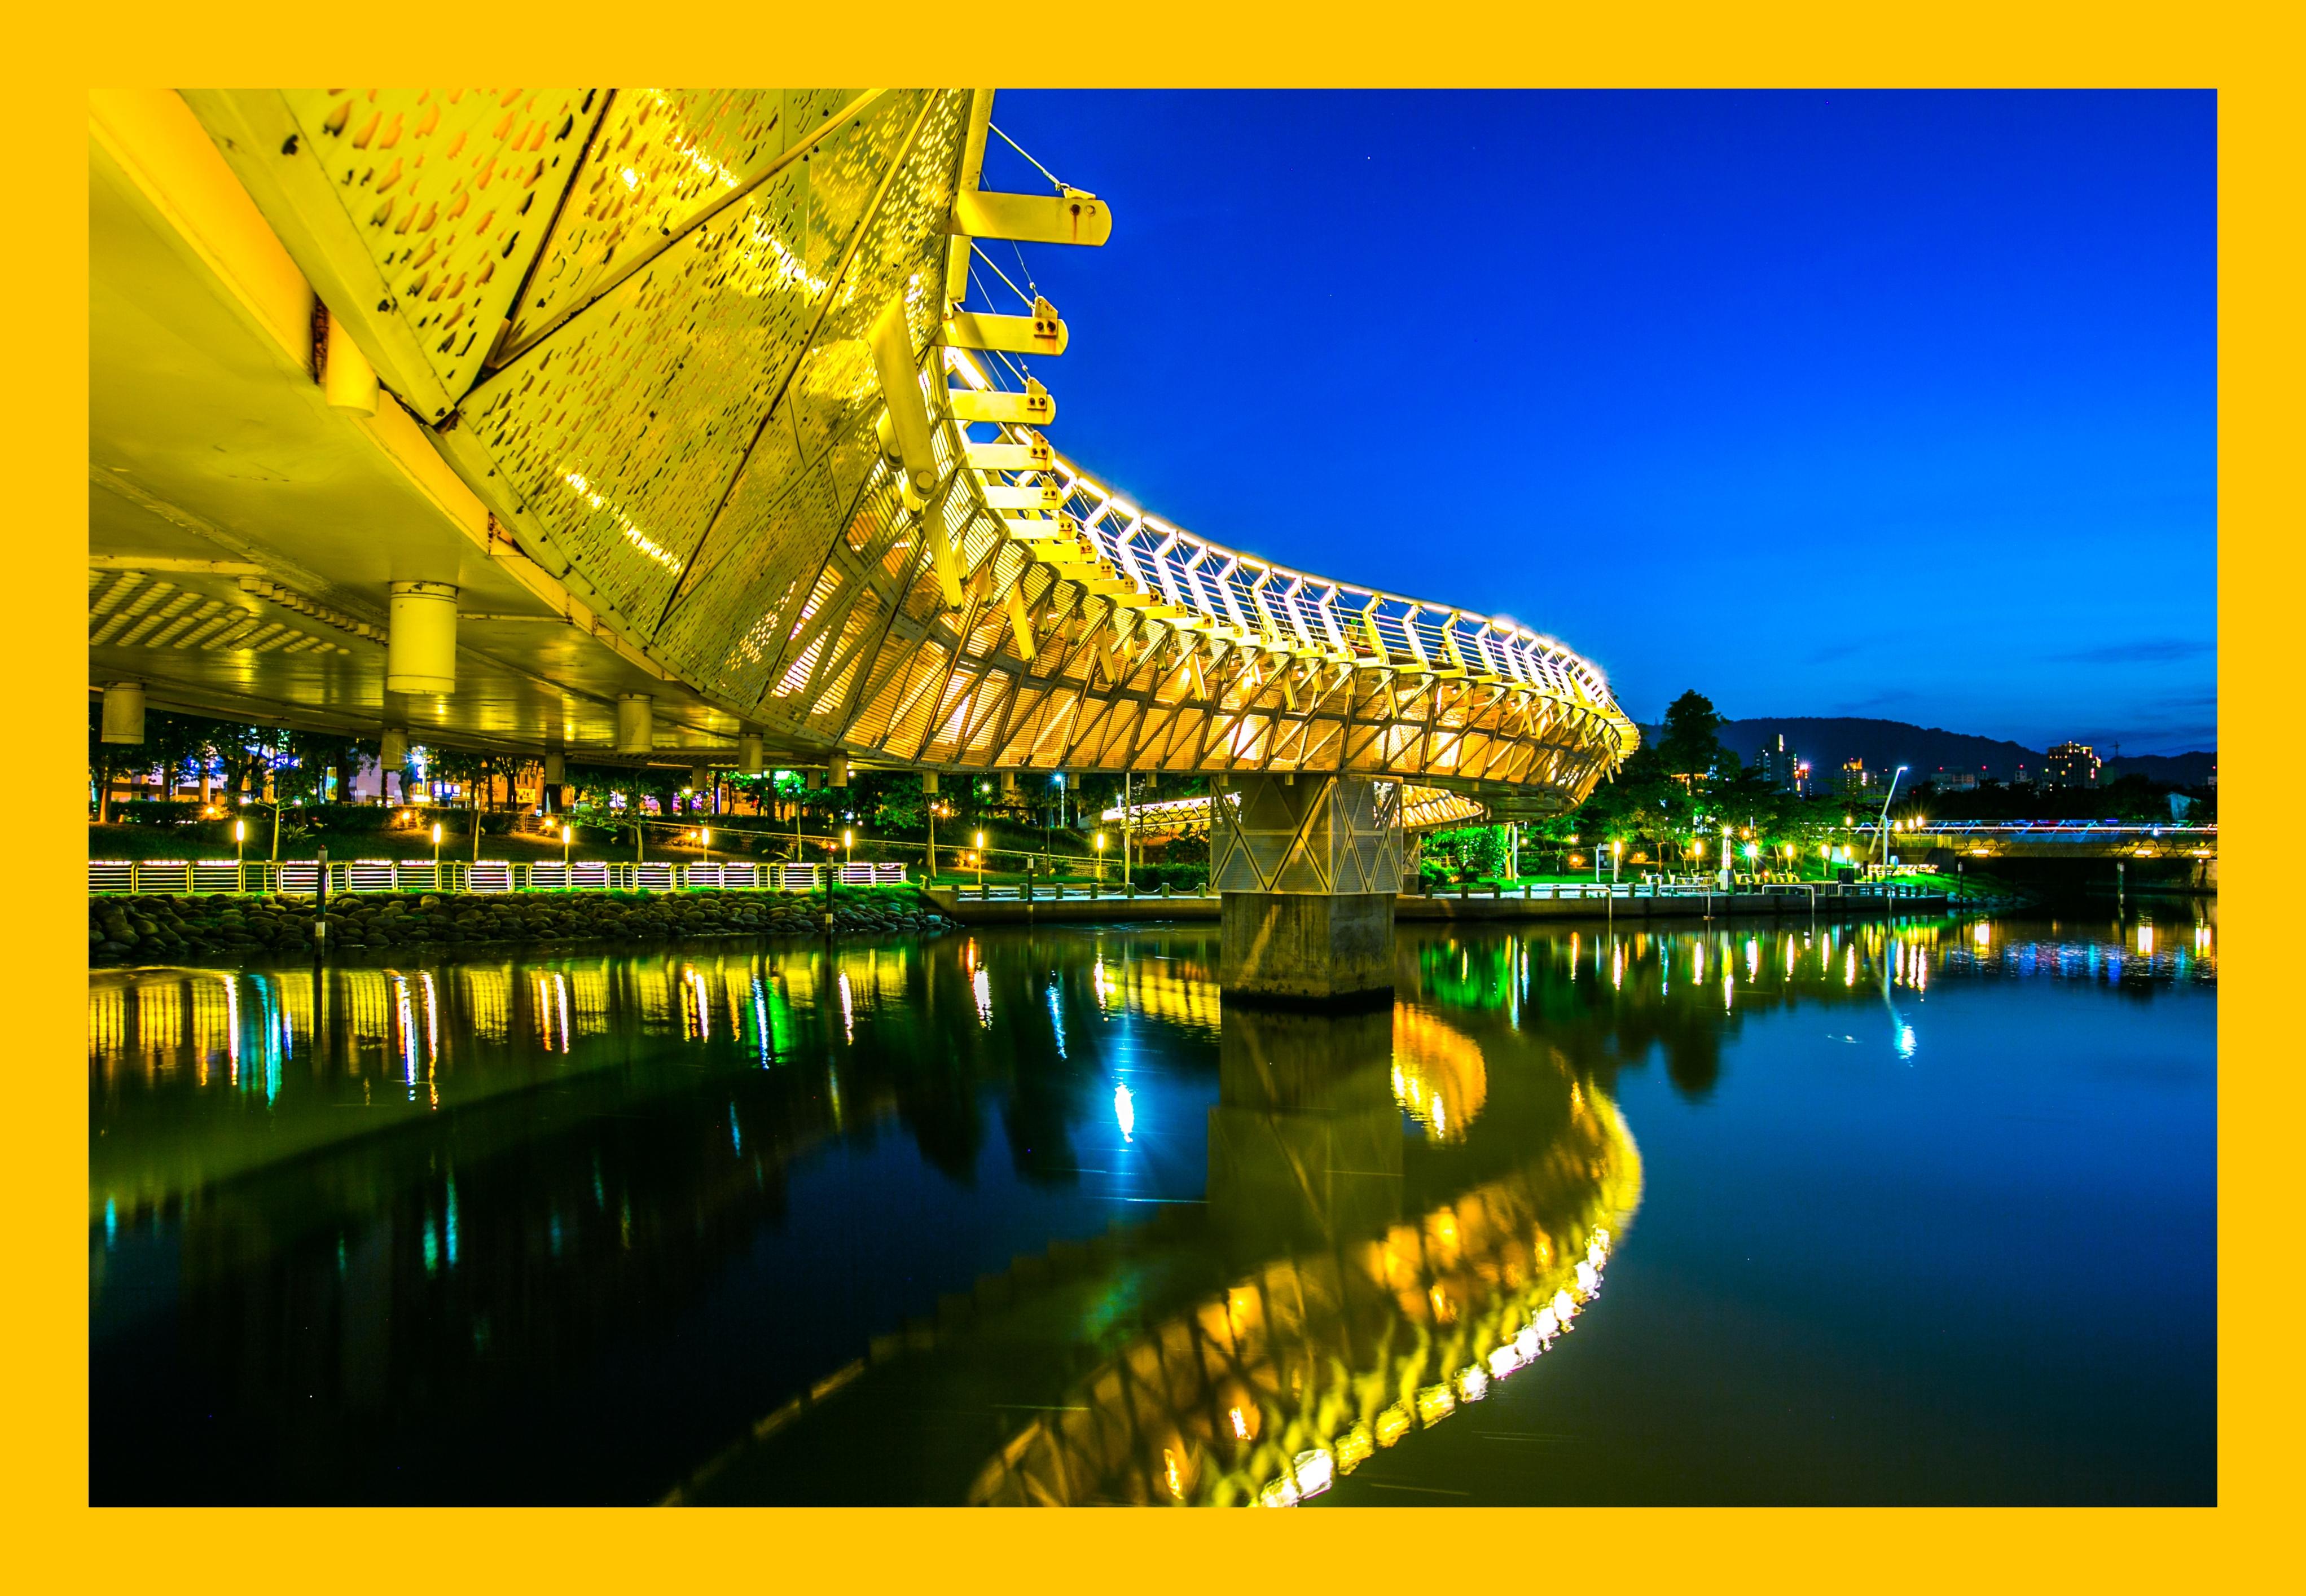 來到高雄一定要到愛河賞夜景、吃甜點(圖片提供/可樂旅遊)